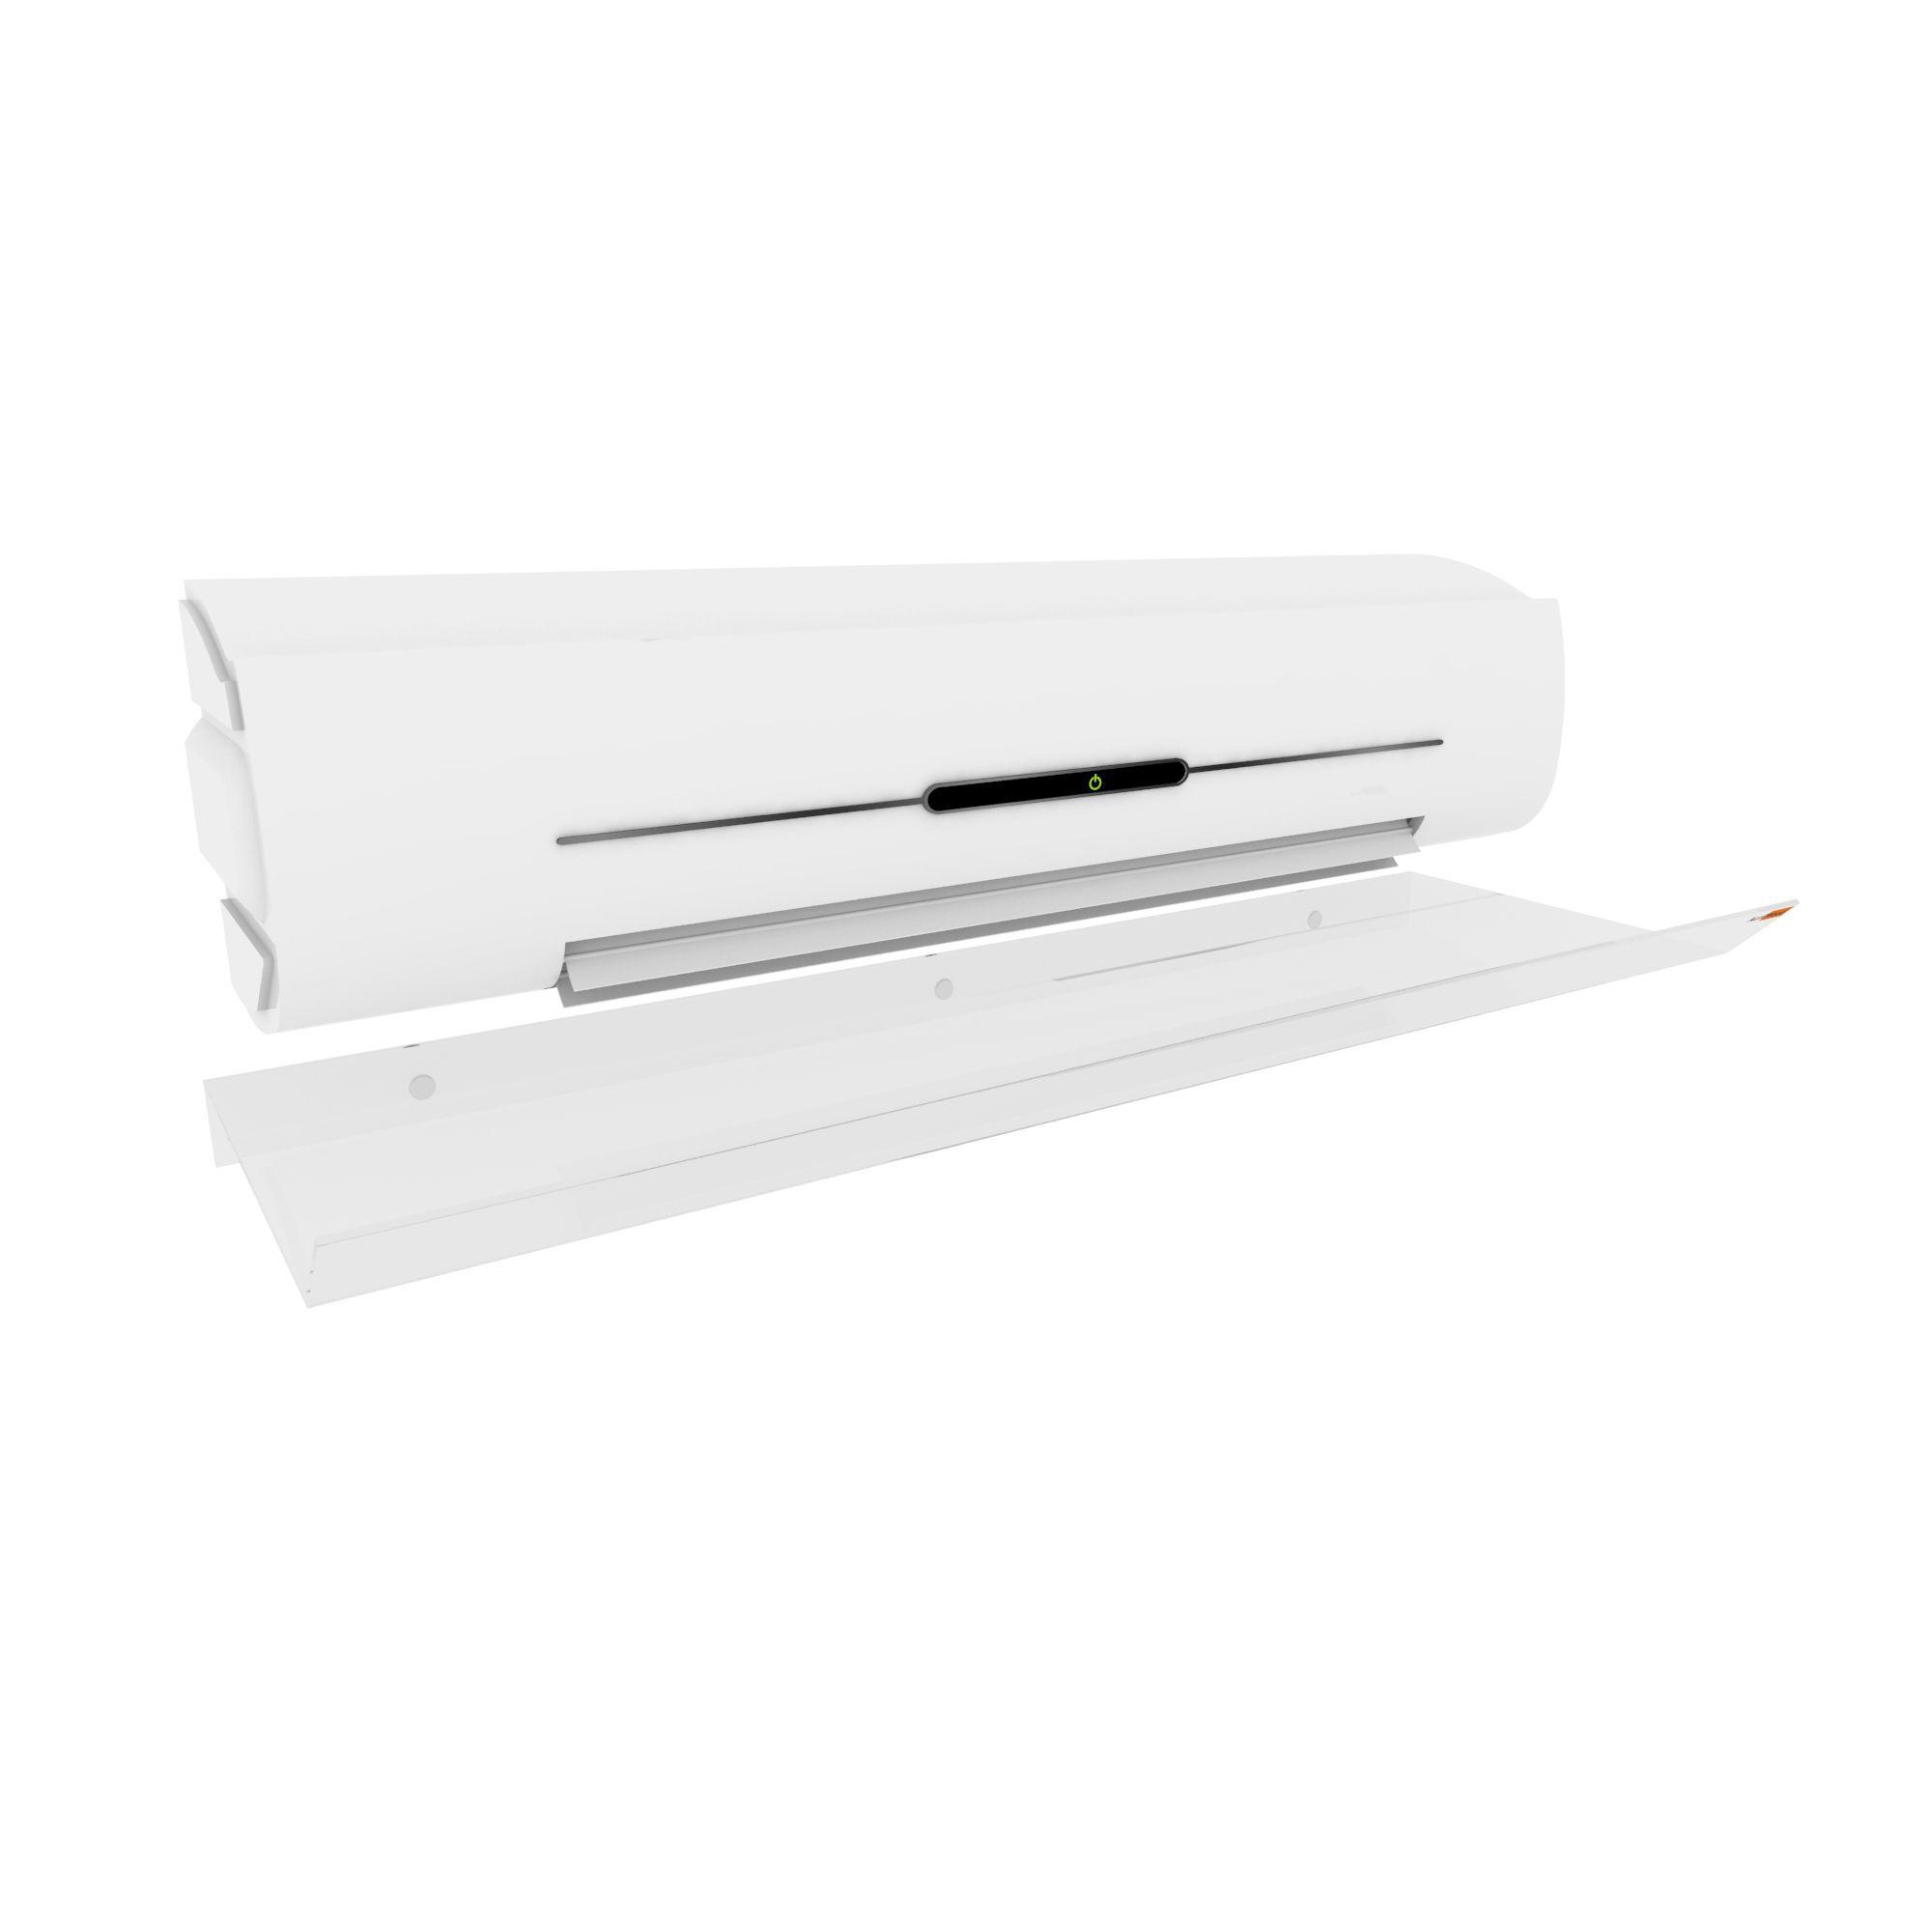 Defletor Em Acrílico Para Ar Condicionado Split - 80cm